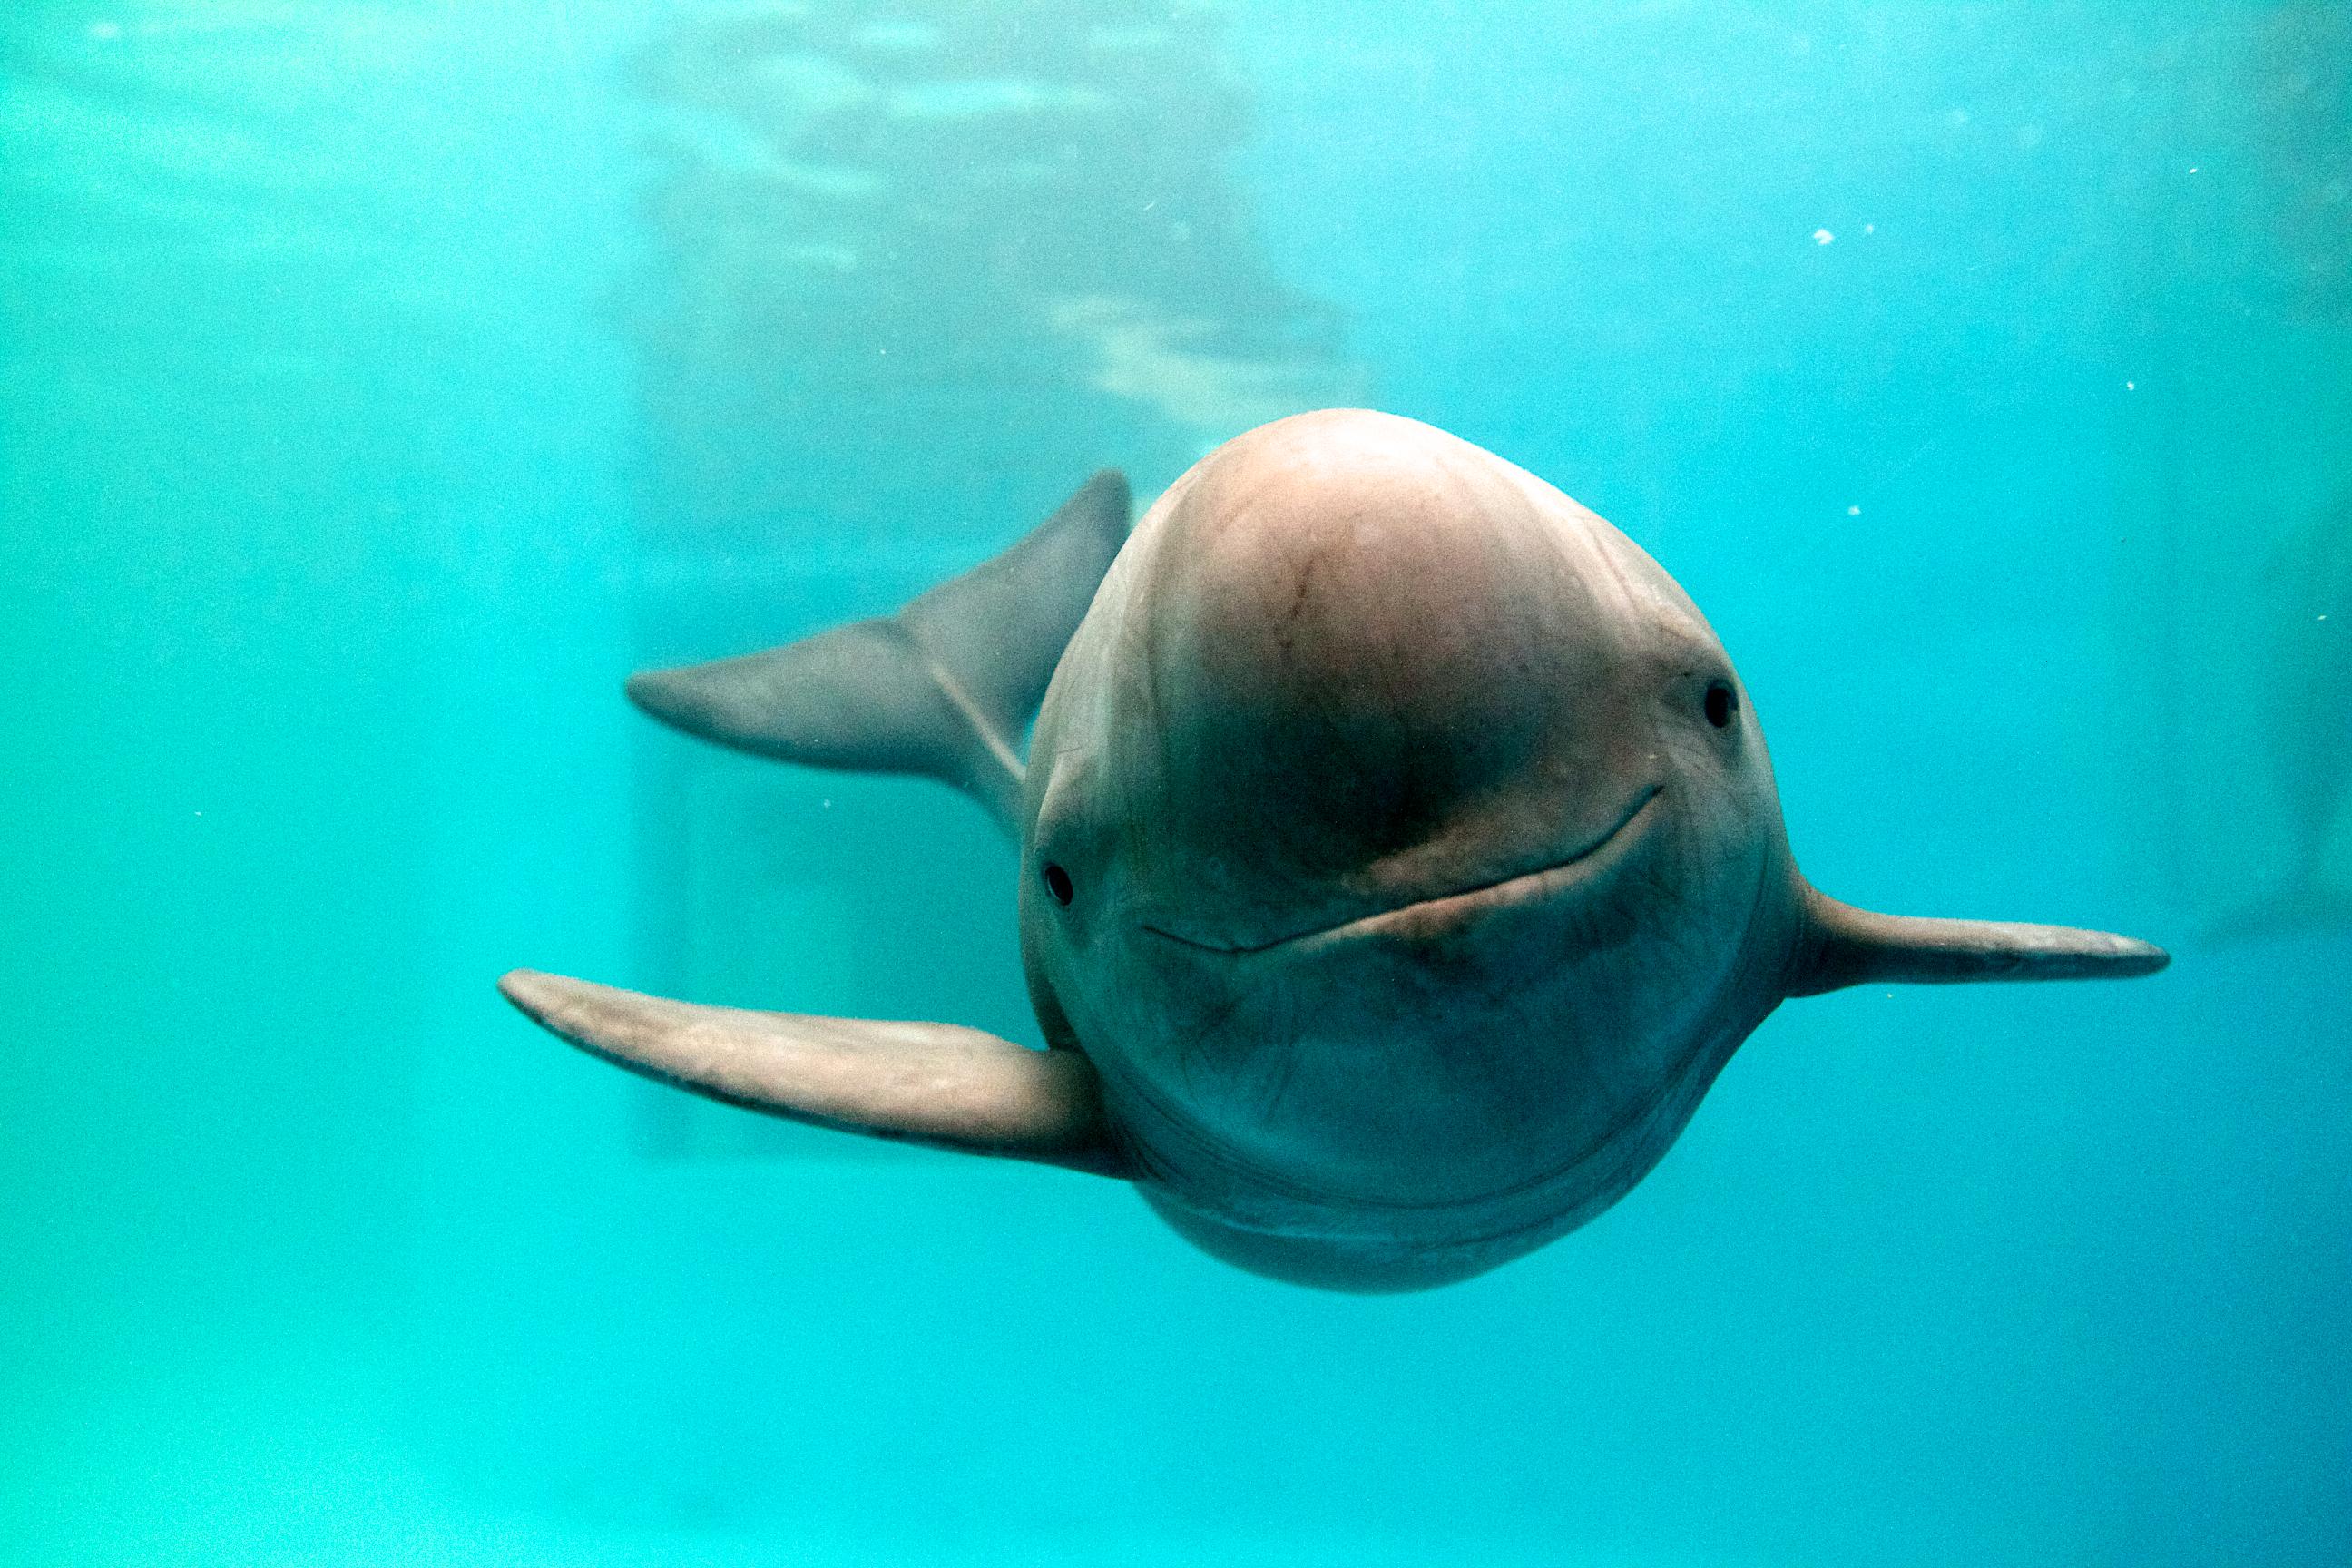 http://newshour-tc.pbs.org/newshour/wp-content/uploads/2015/03/dolphin.jpg